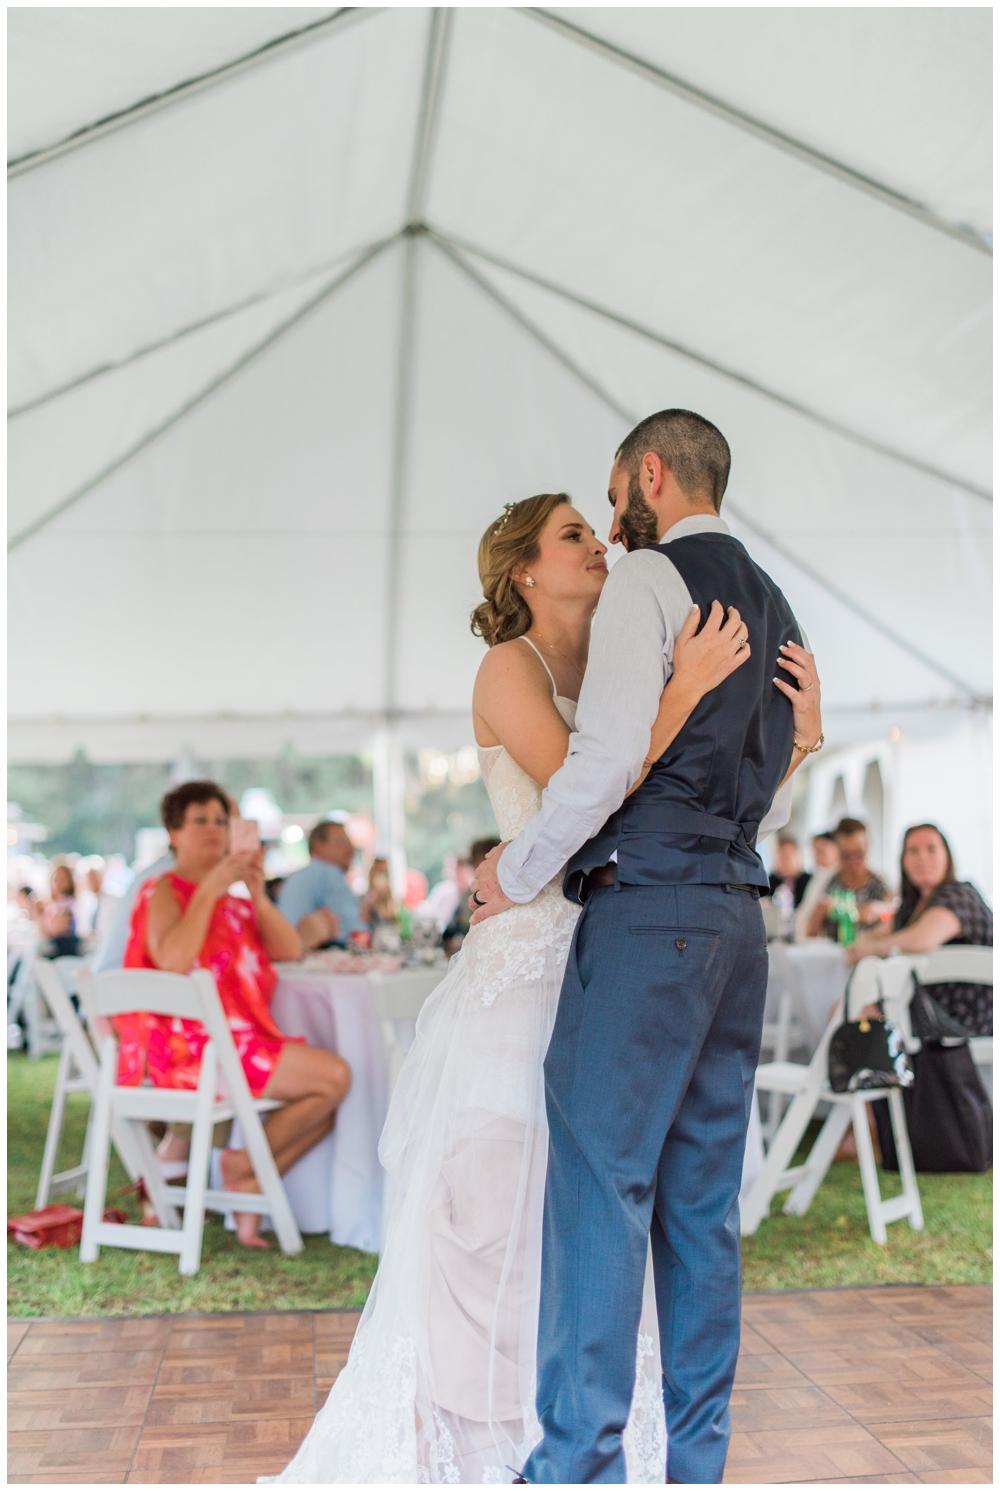 Jacksonville_Wedding_Venue_The_Glen_1349.jpg